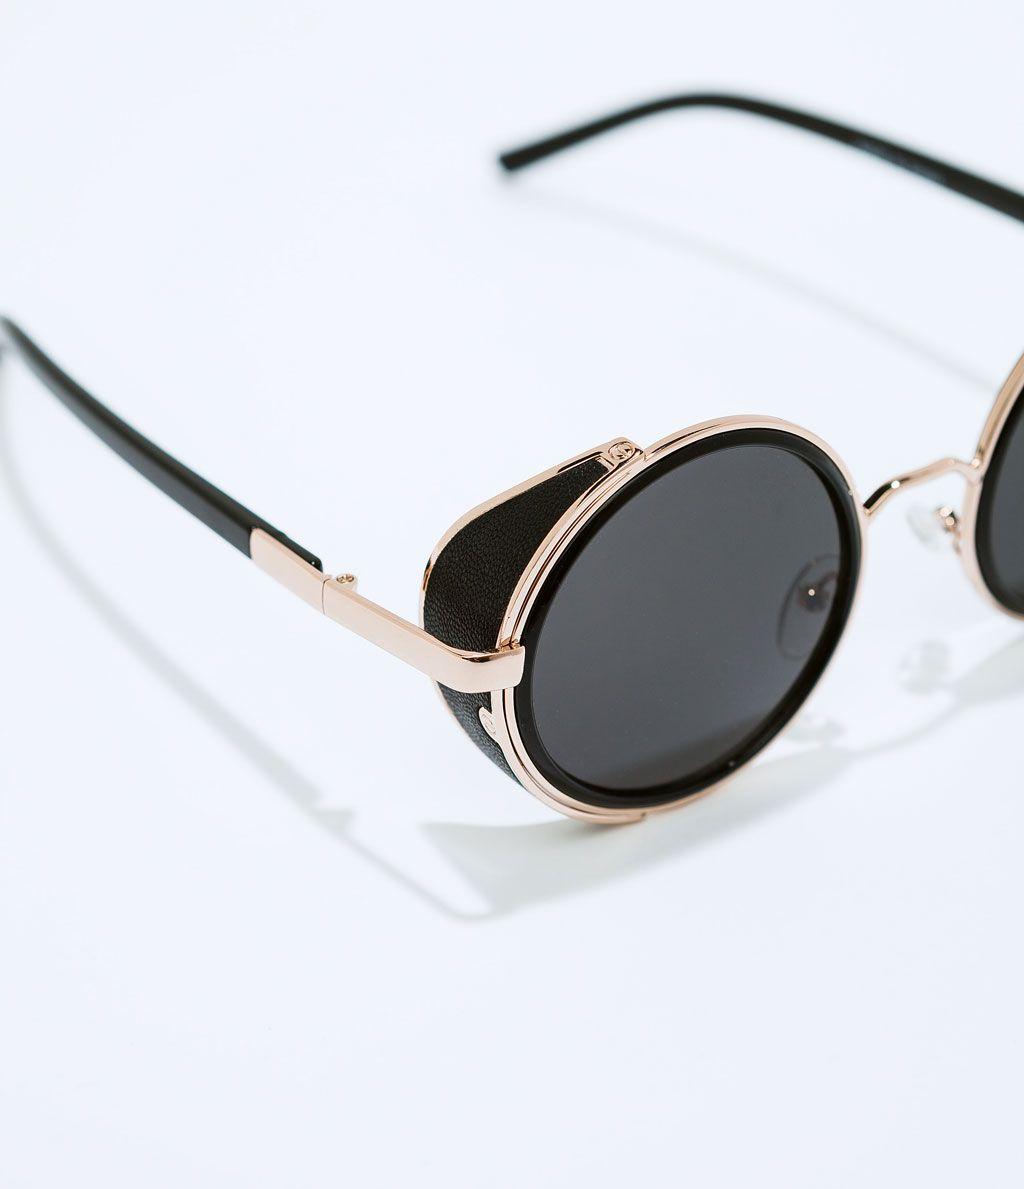 image 4 de lunettes de soleil rondes de zara binocles. Black Bedroom Furniture Sets. Home Design Ideas